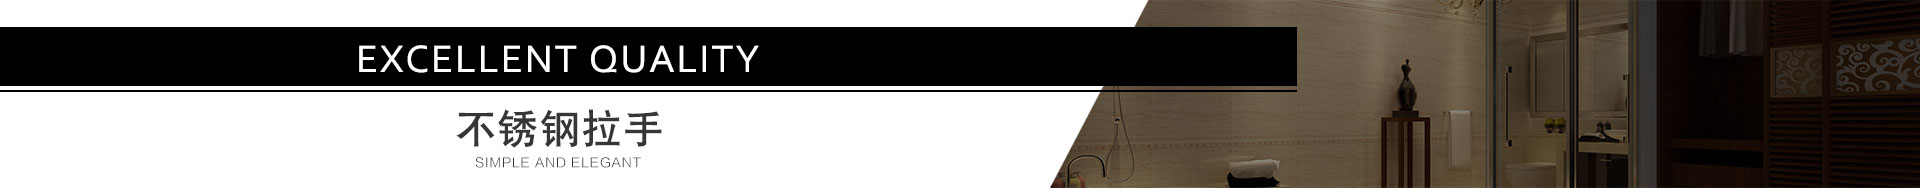 不锈钢拉手-肇庆精工五金装饰制品有限公司